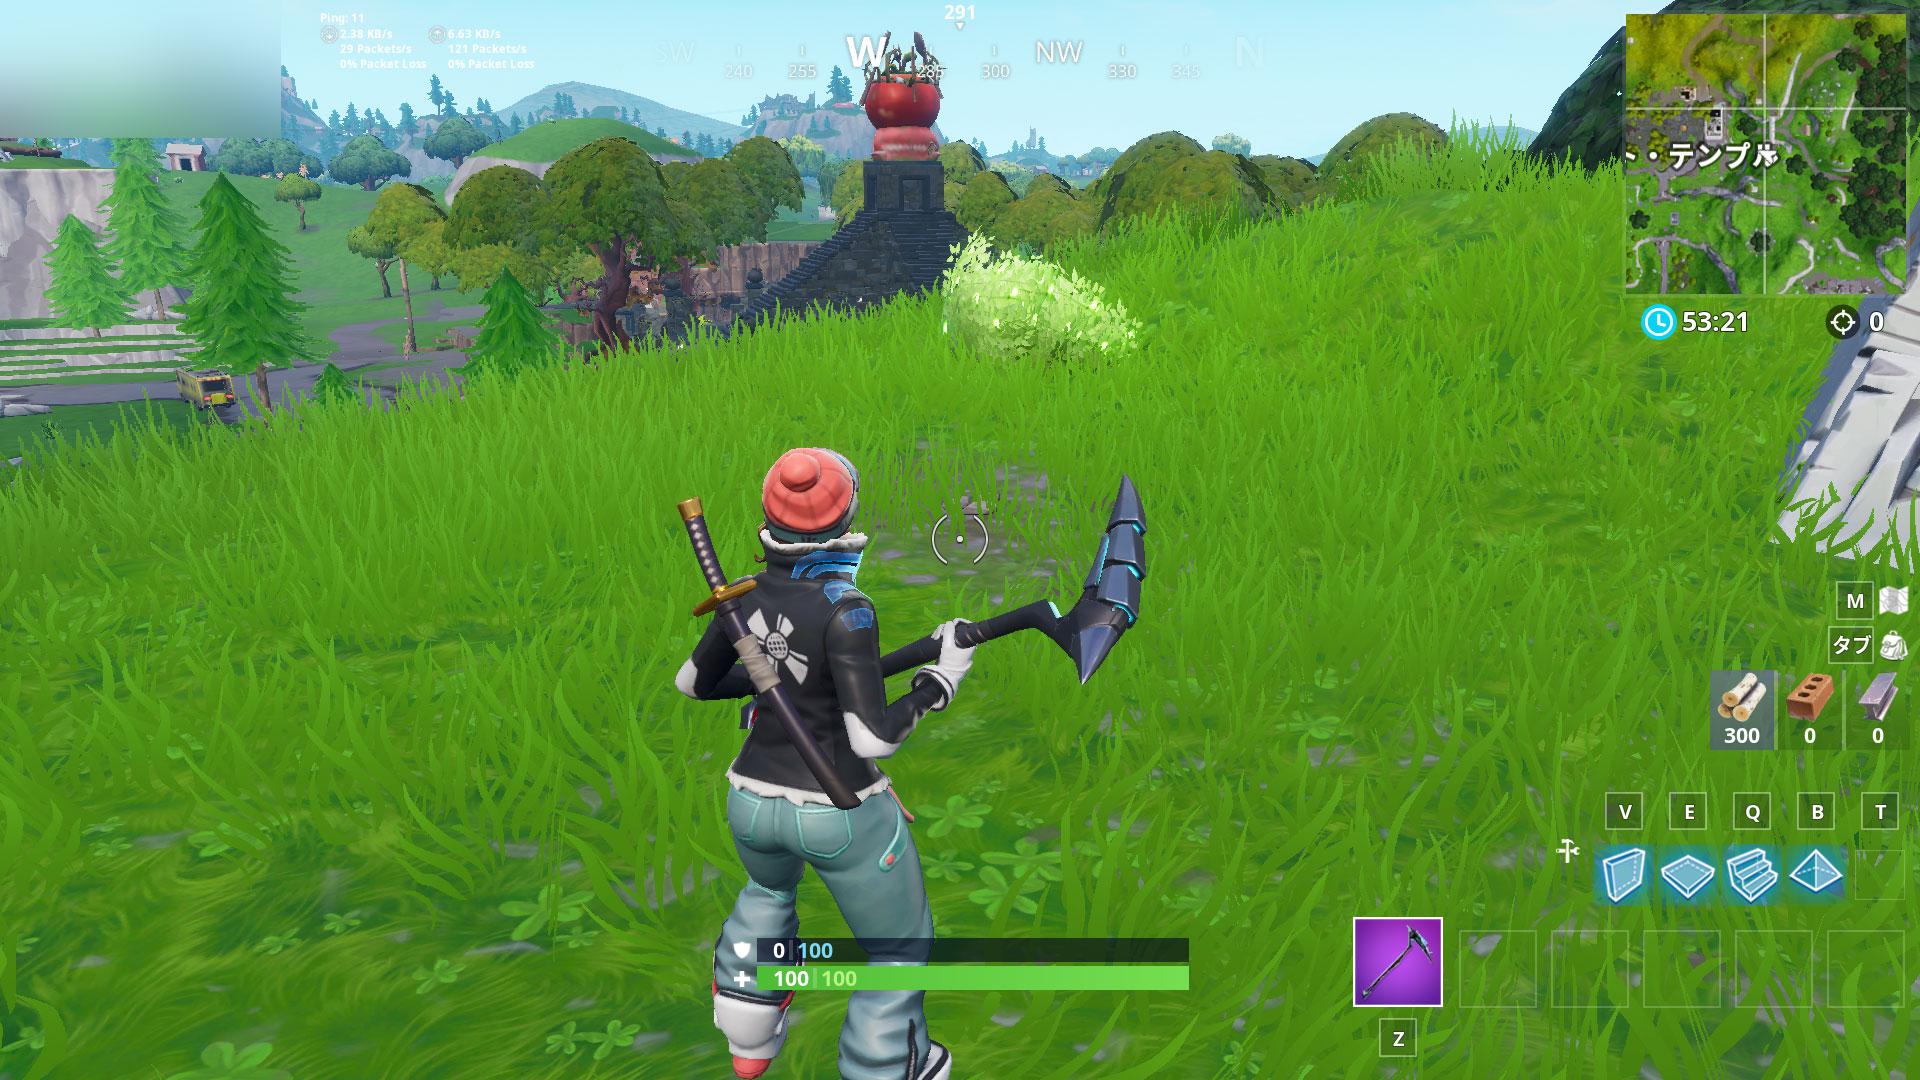 巨大な岩男、王冠トマト、囲まれた木の間を探す